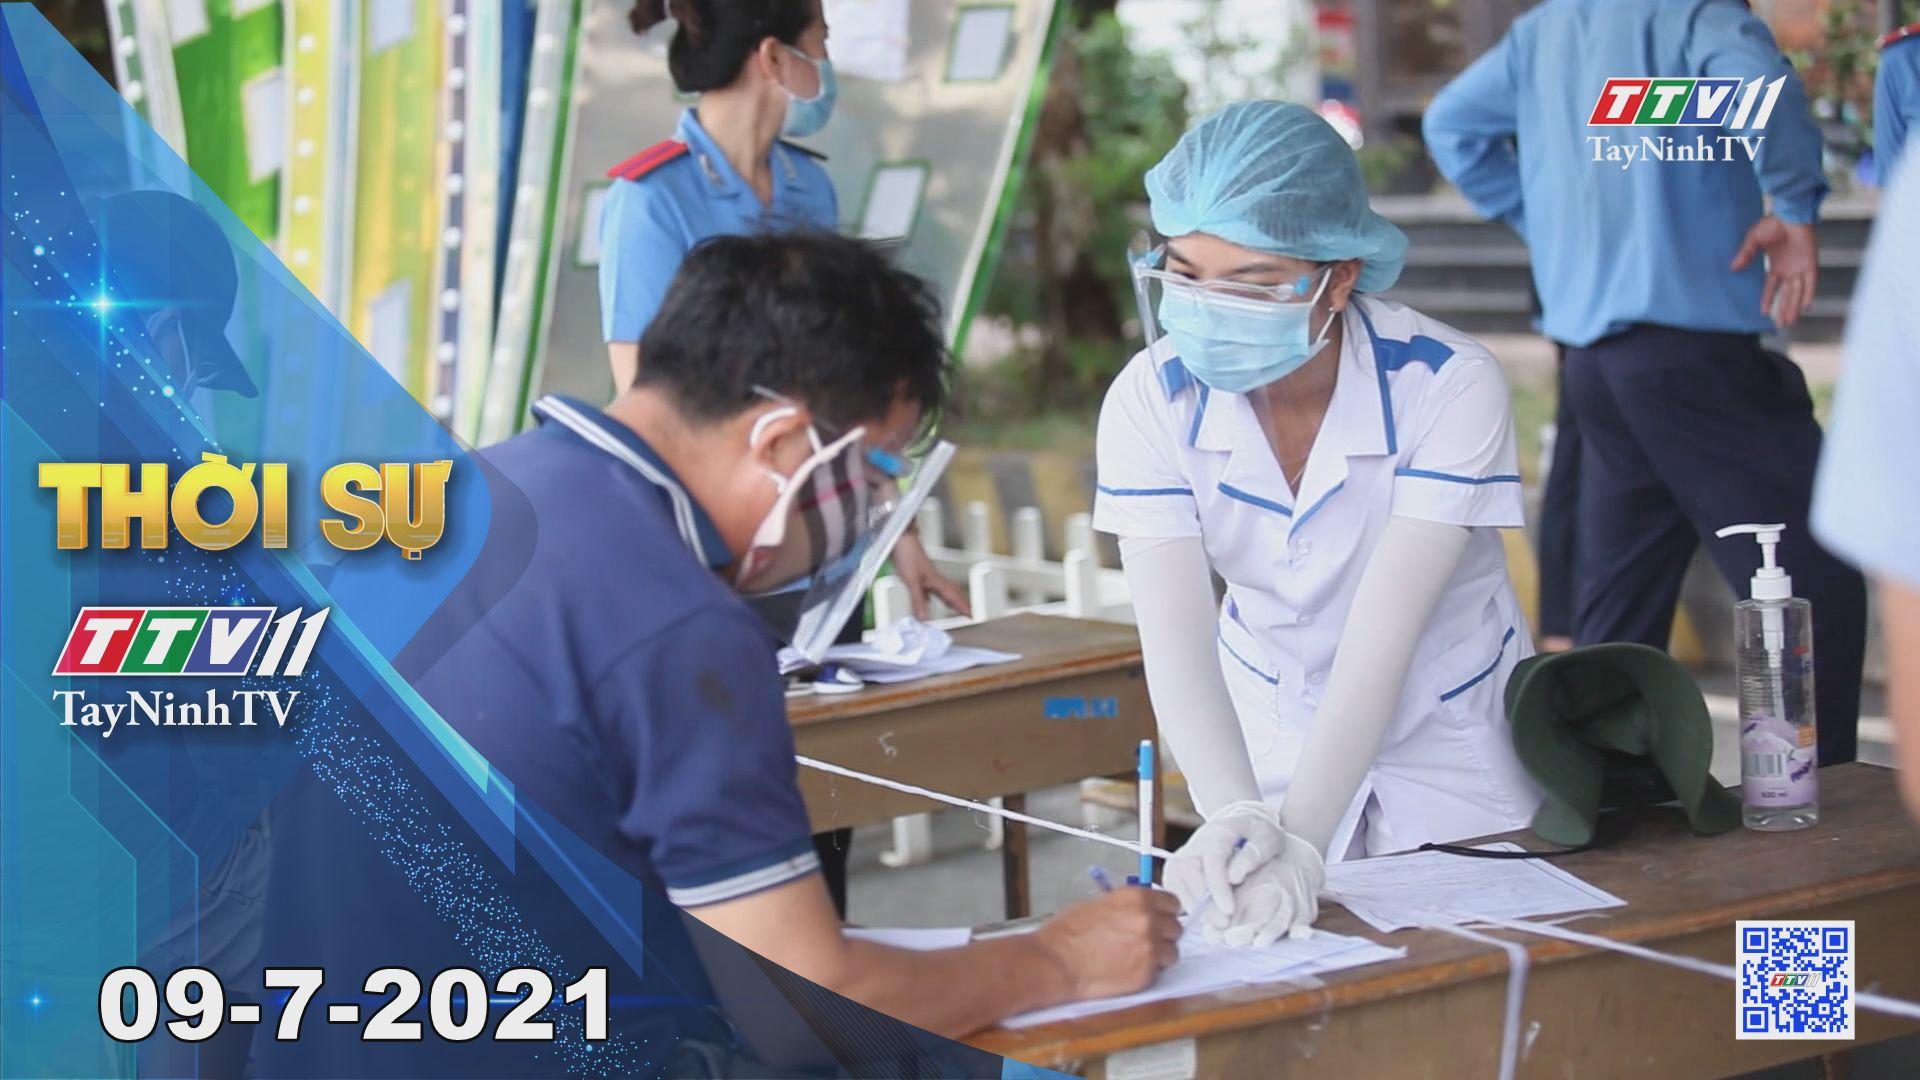 Thời sự Tây Ninh 09-7-2021   Tin tức hôm nay   TayNinhTV